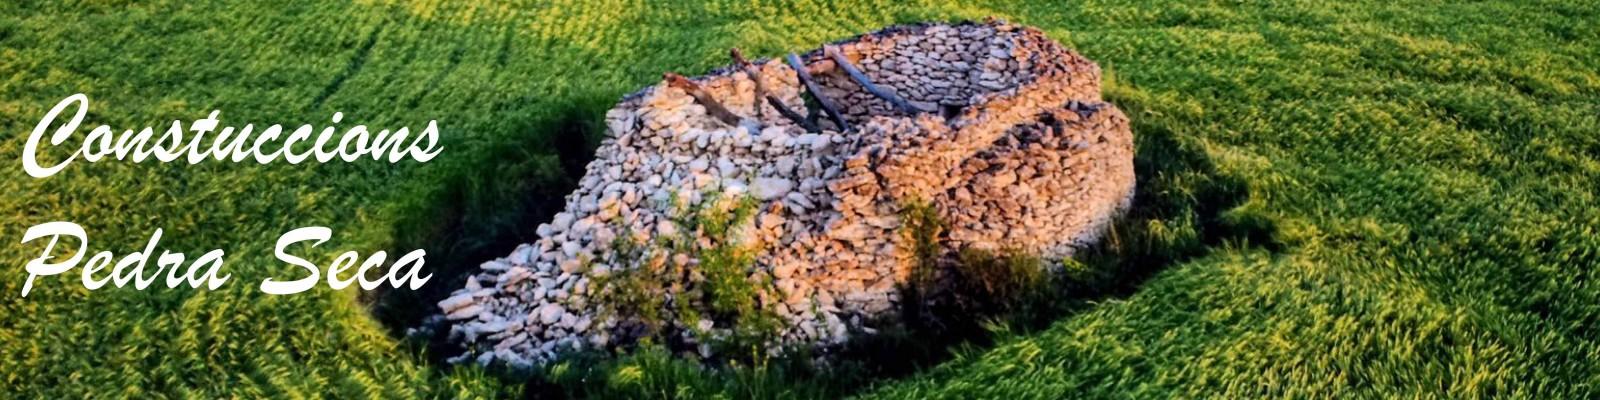 Construccions-Pedra.Seca-slider